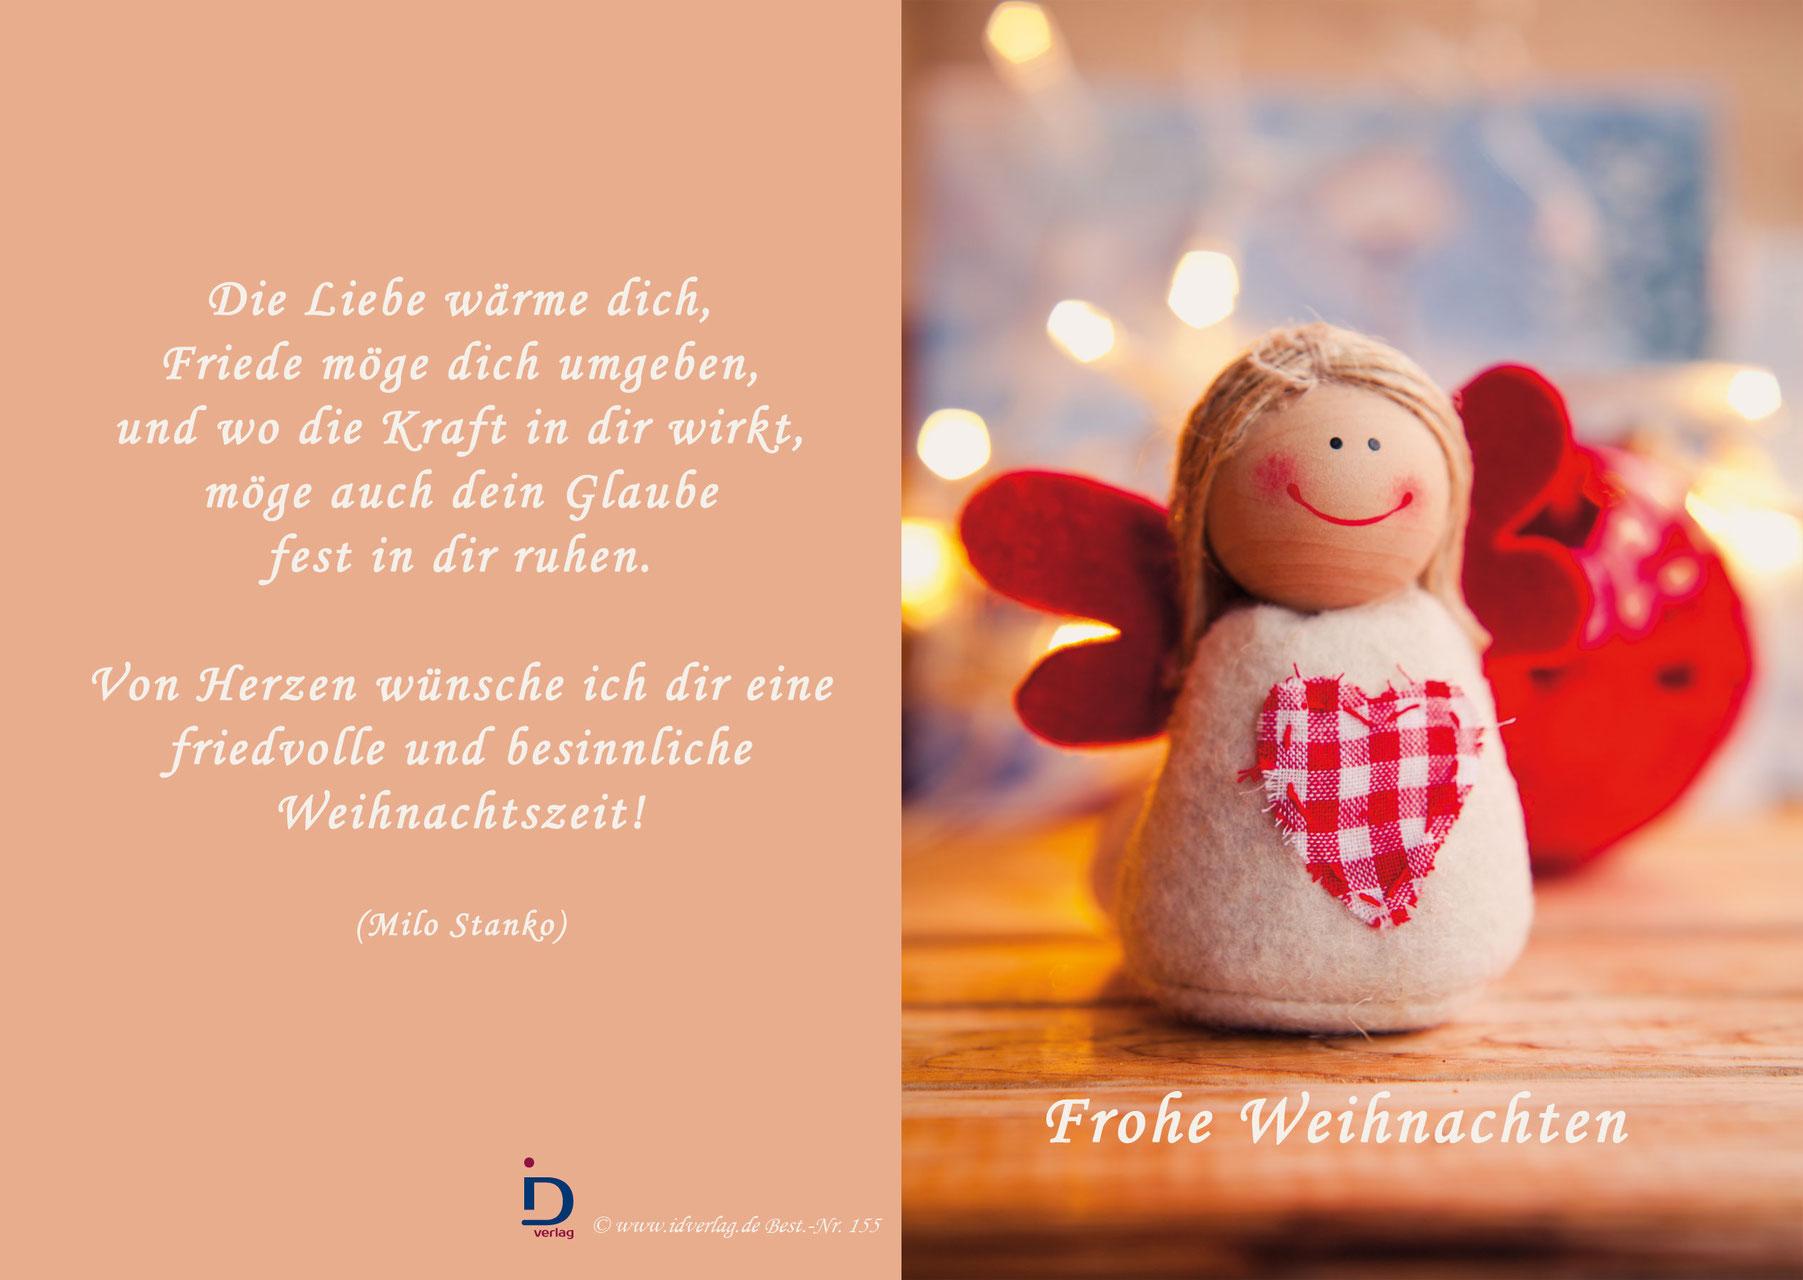 Frohe Weihnachten Ich Liebe Dich.Pfarrkarte Frohe Weihnachten Idverlag Innovativ Christlich Gut